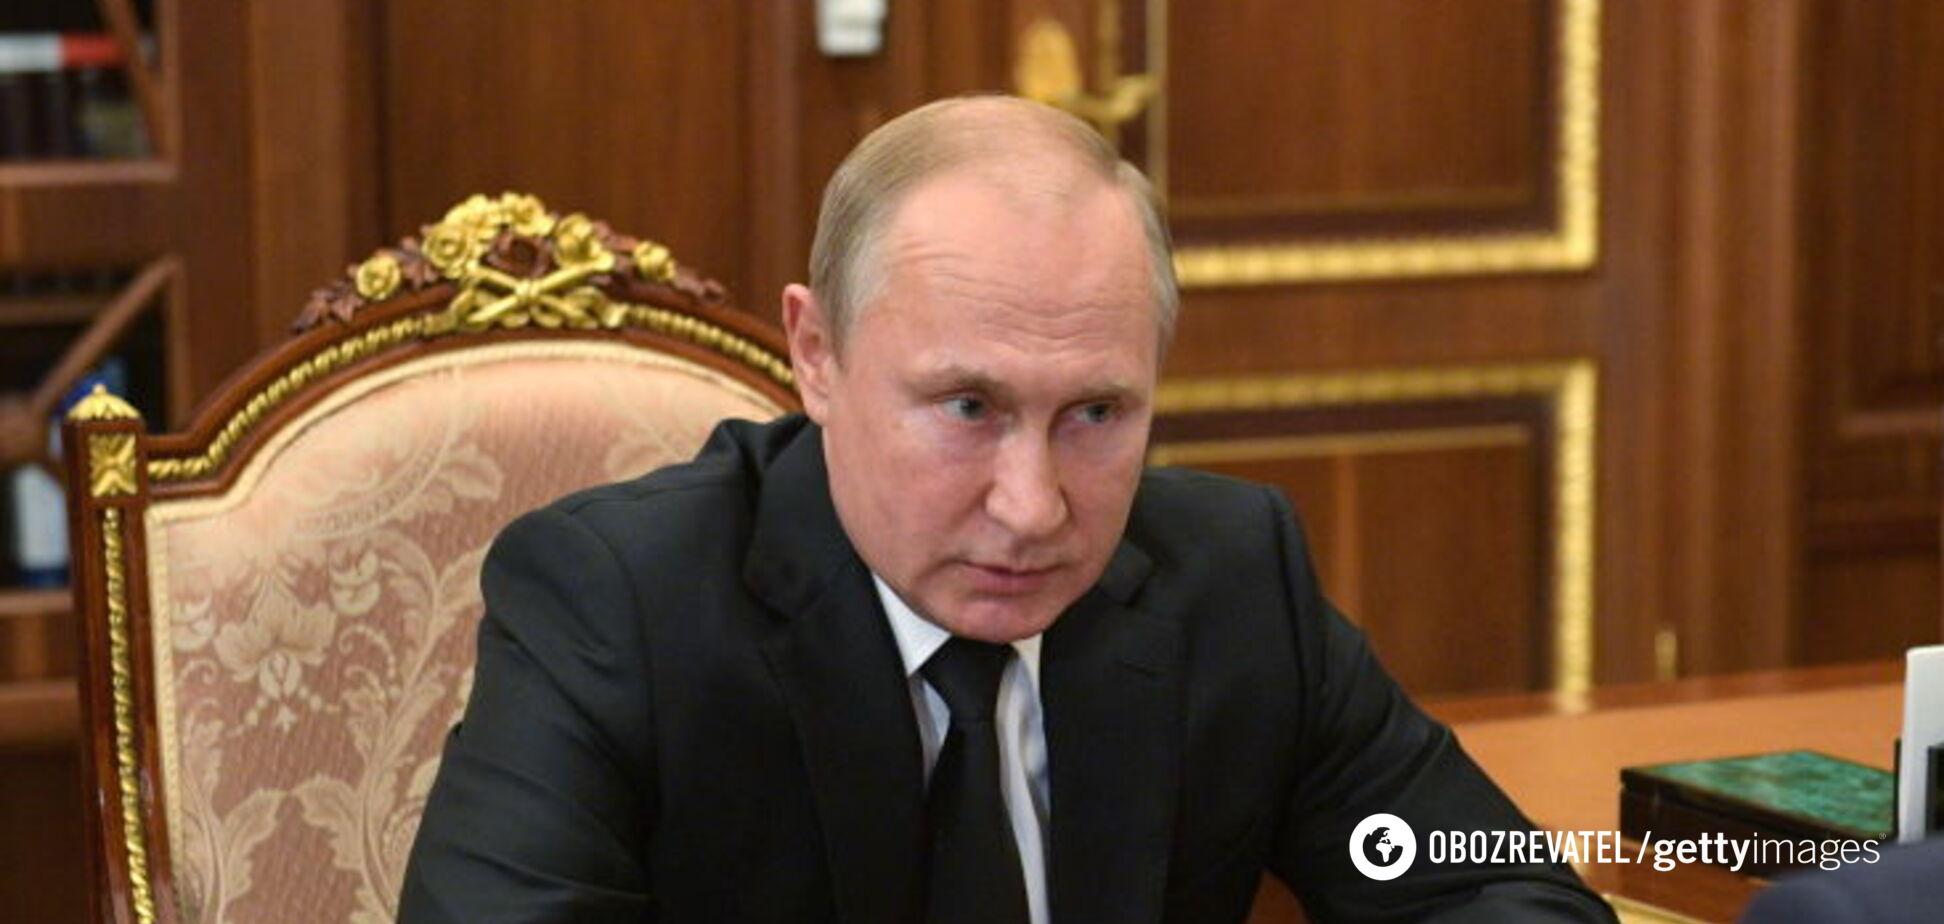 Путин разорвал договор о ракетах с США: что это означает